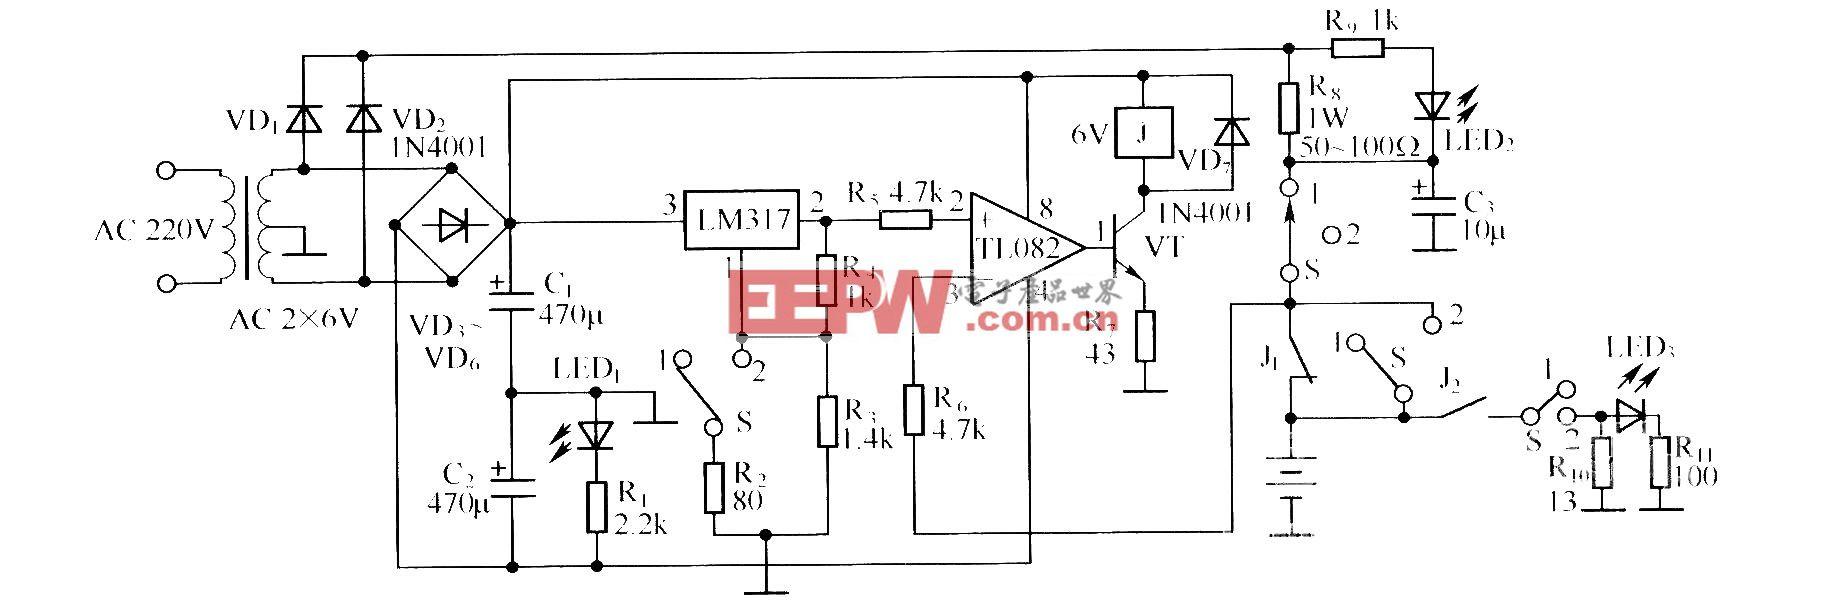 镉镍电池自动充放电器的电路